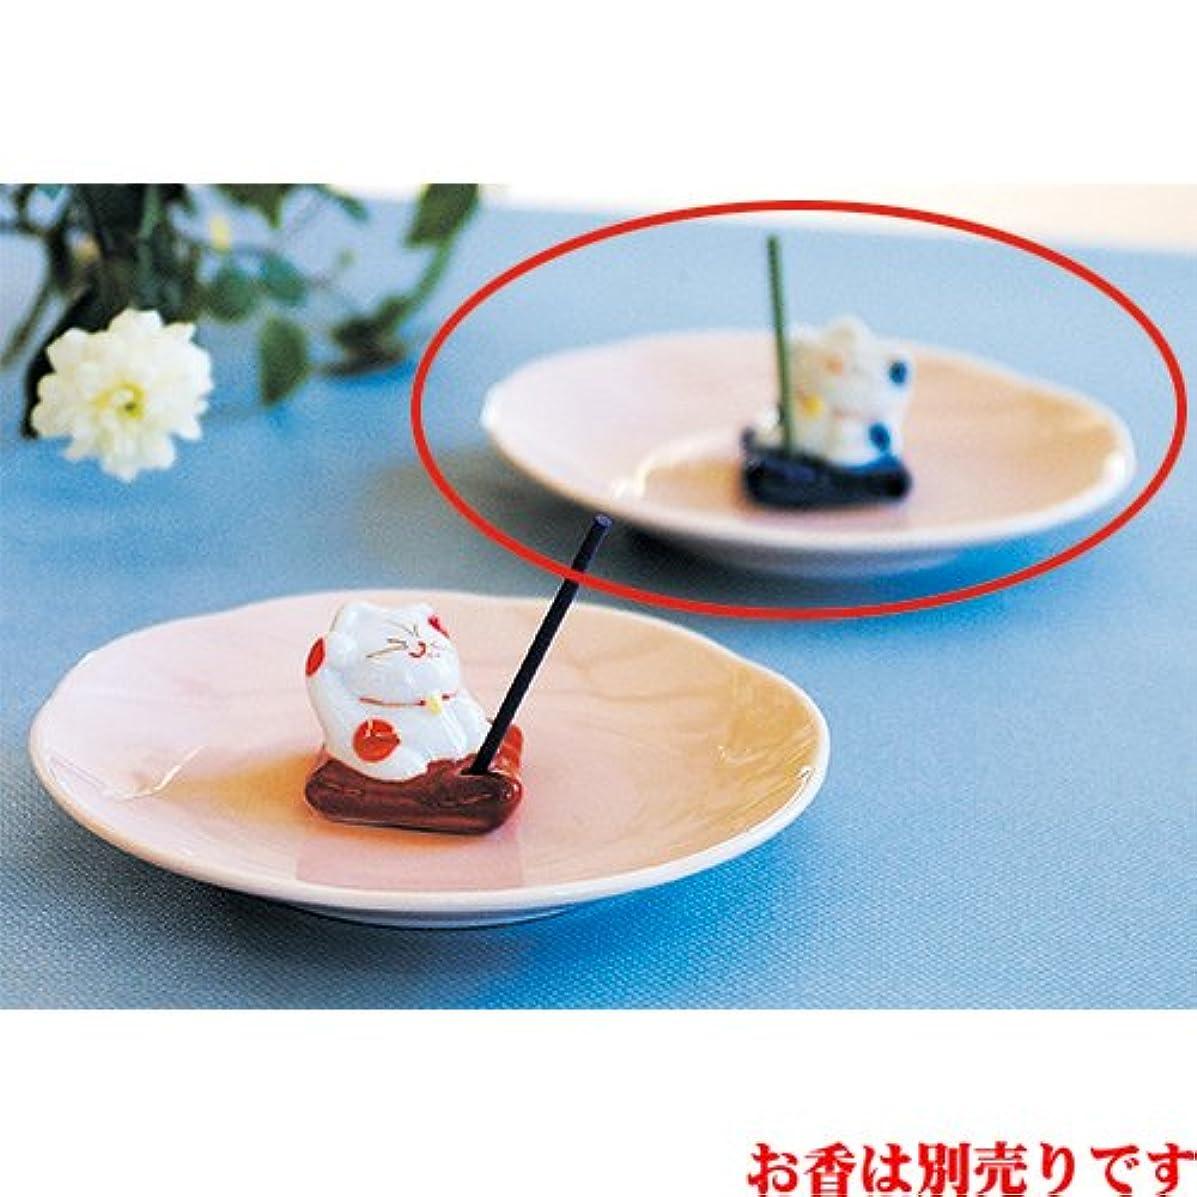 支配するよく話される世代香皿 ザブトンネコ 香皿 ブルー [R12.5xH4cm] プレゼント ギフト 和食器 かわいい インテリア